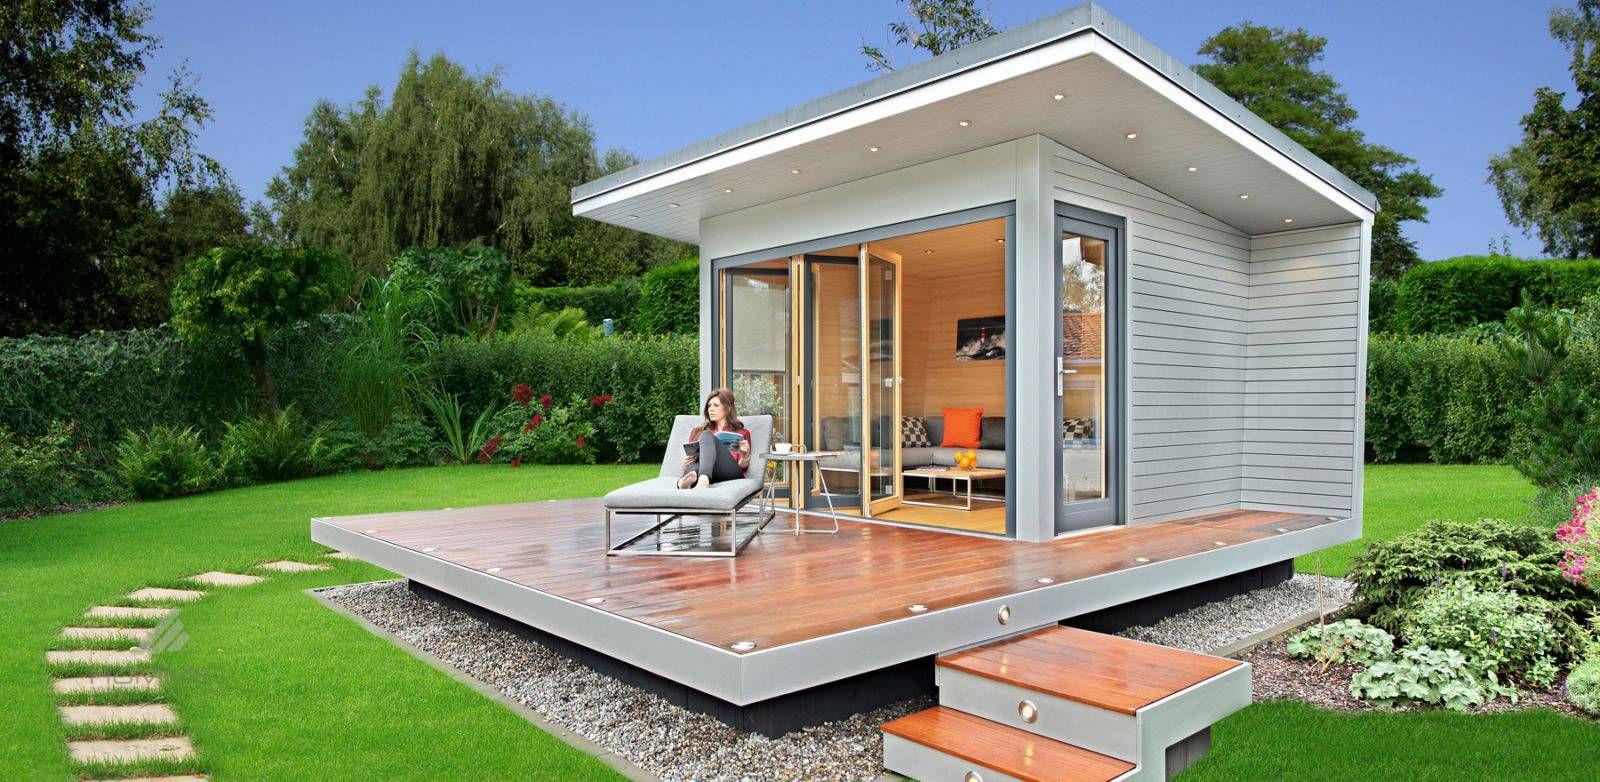 HUMMEL Architekten Gartenhaus